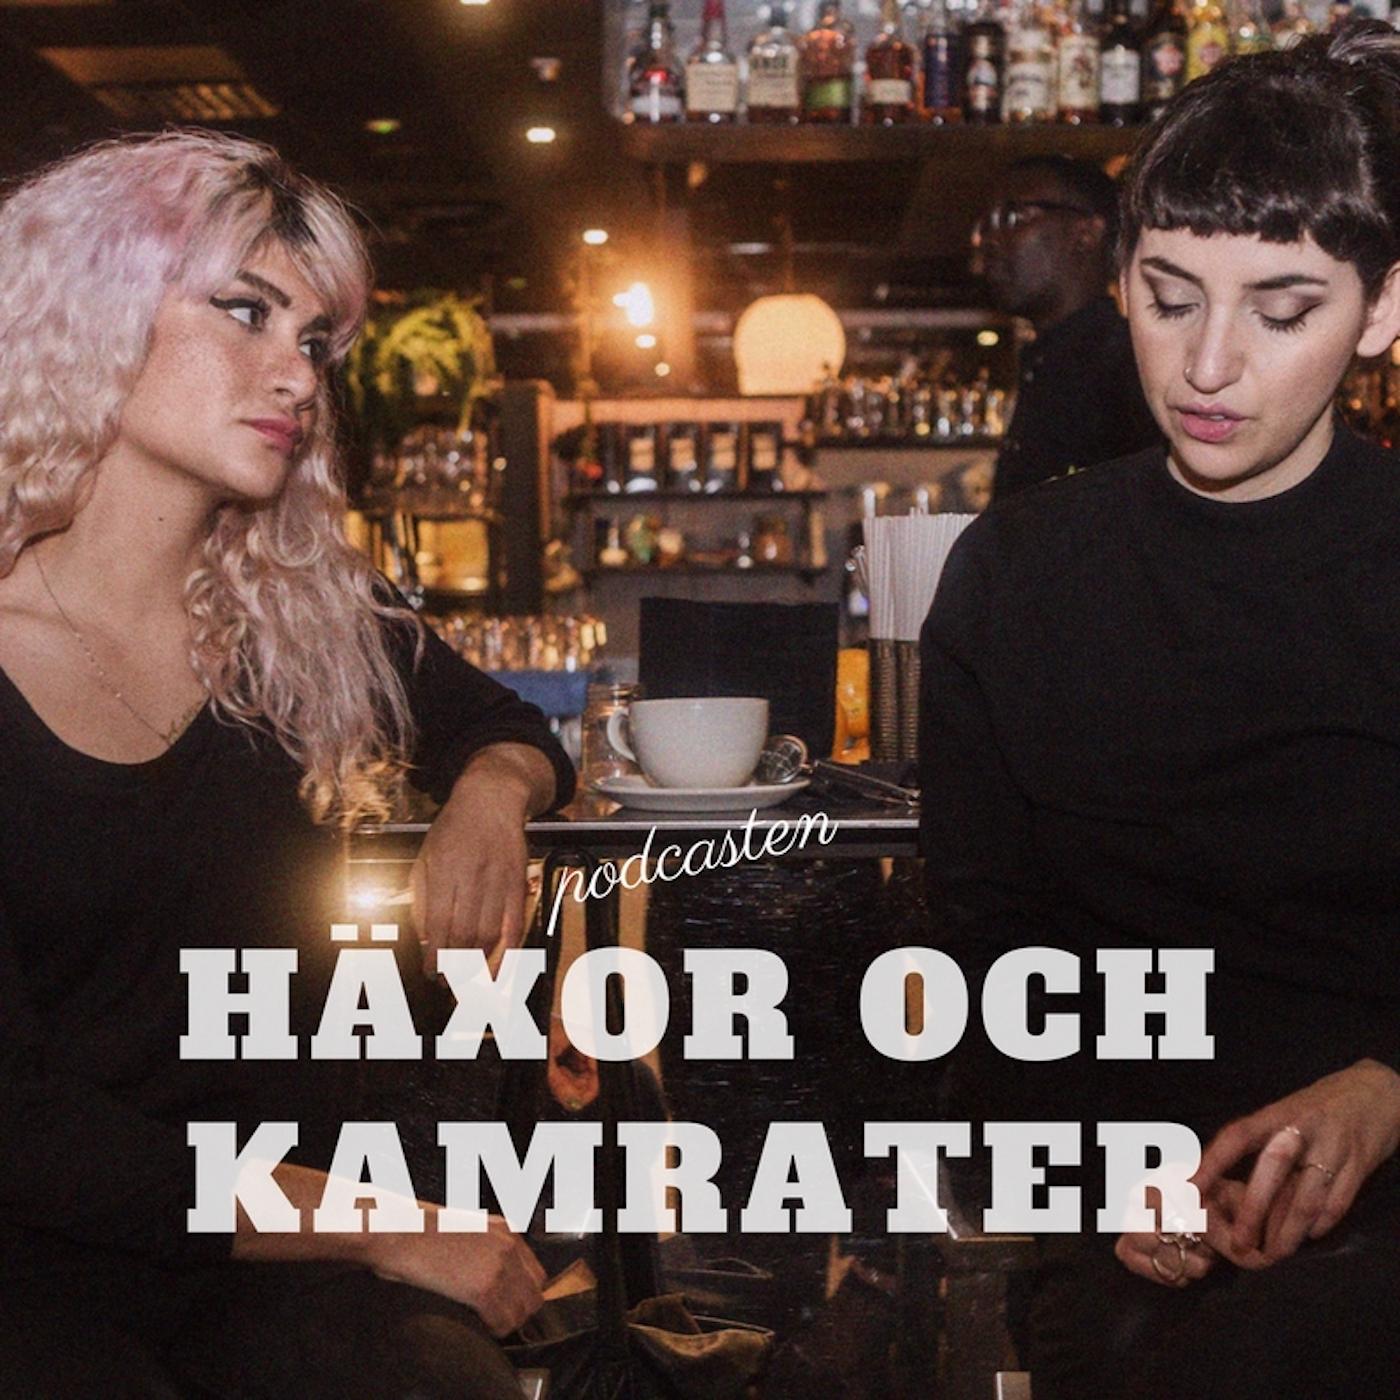 Bästa hookup barer i kansas city